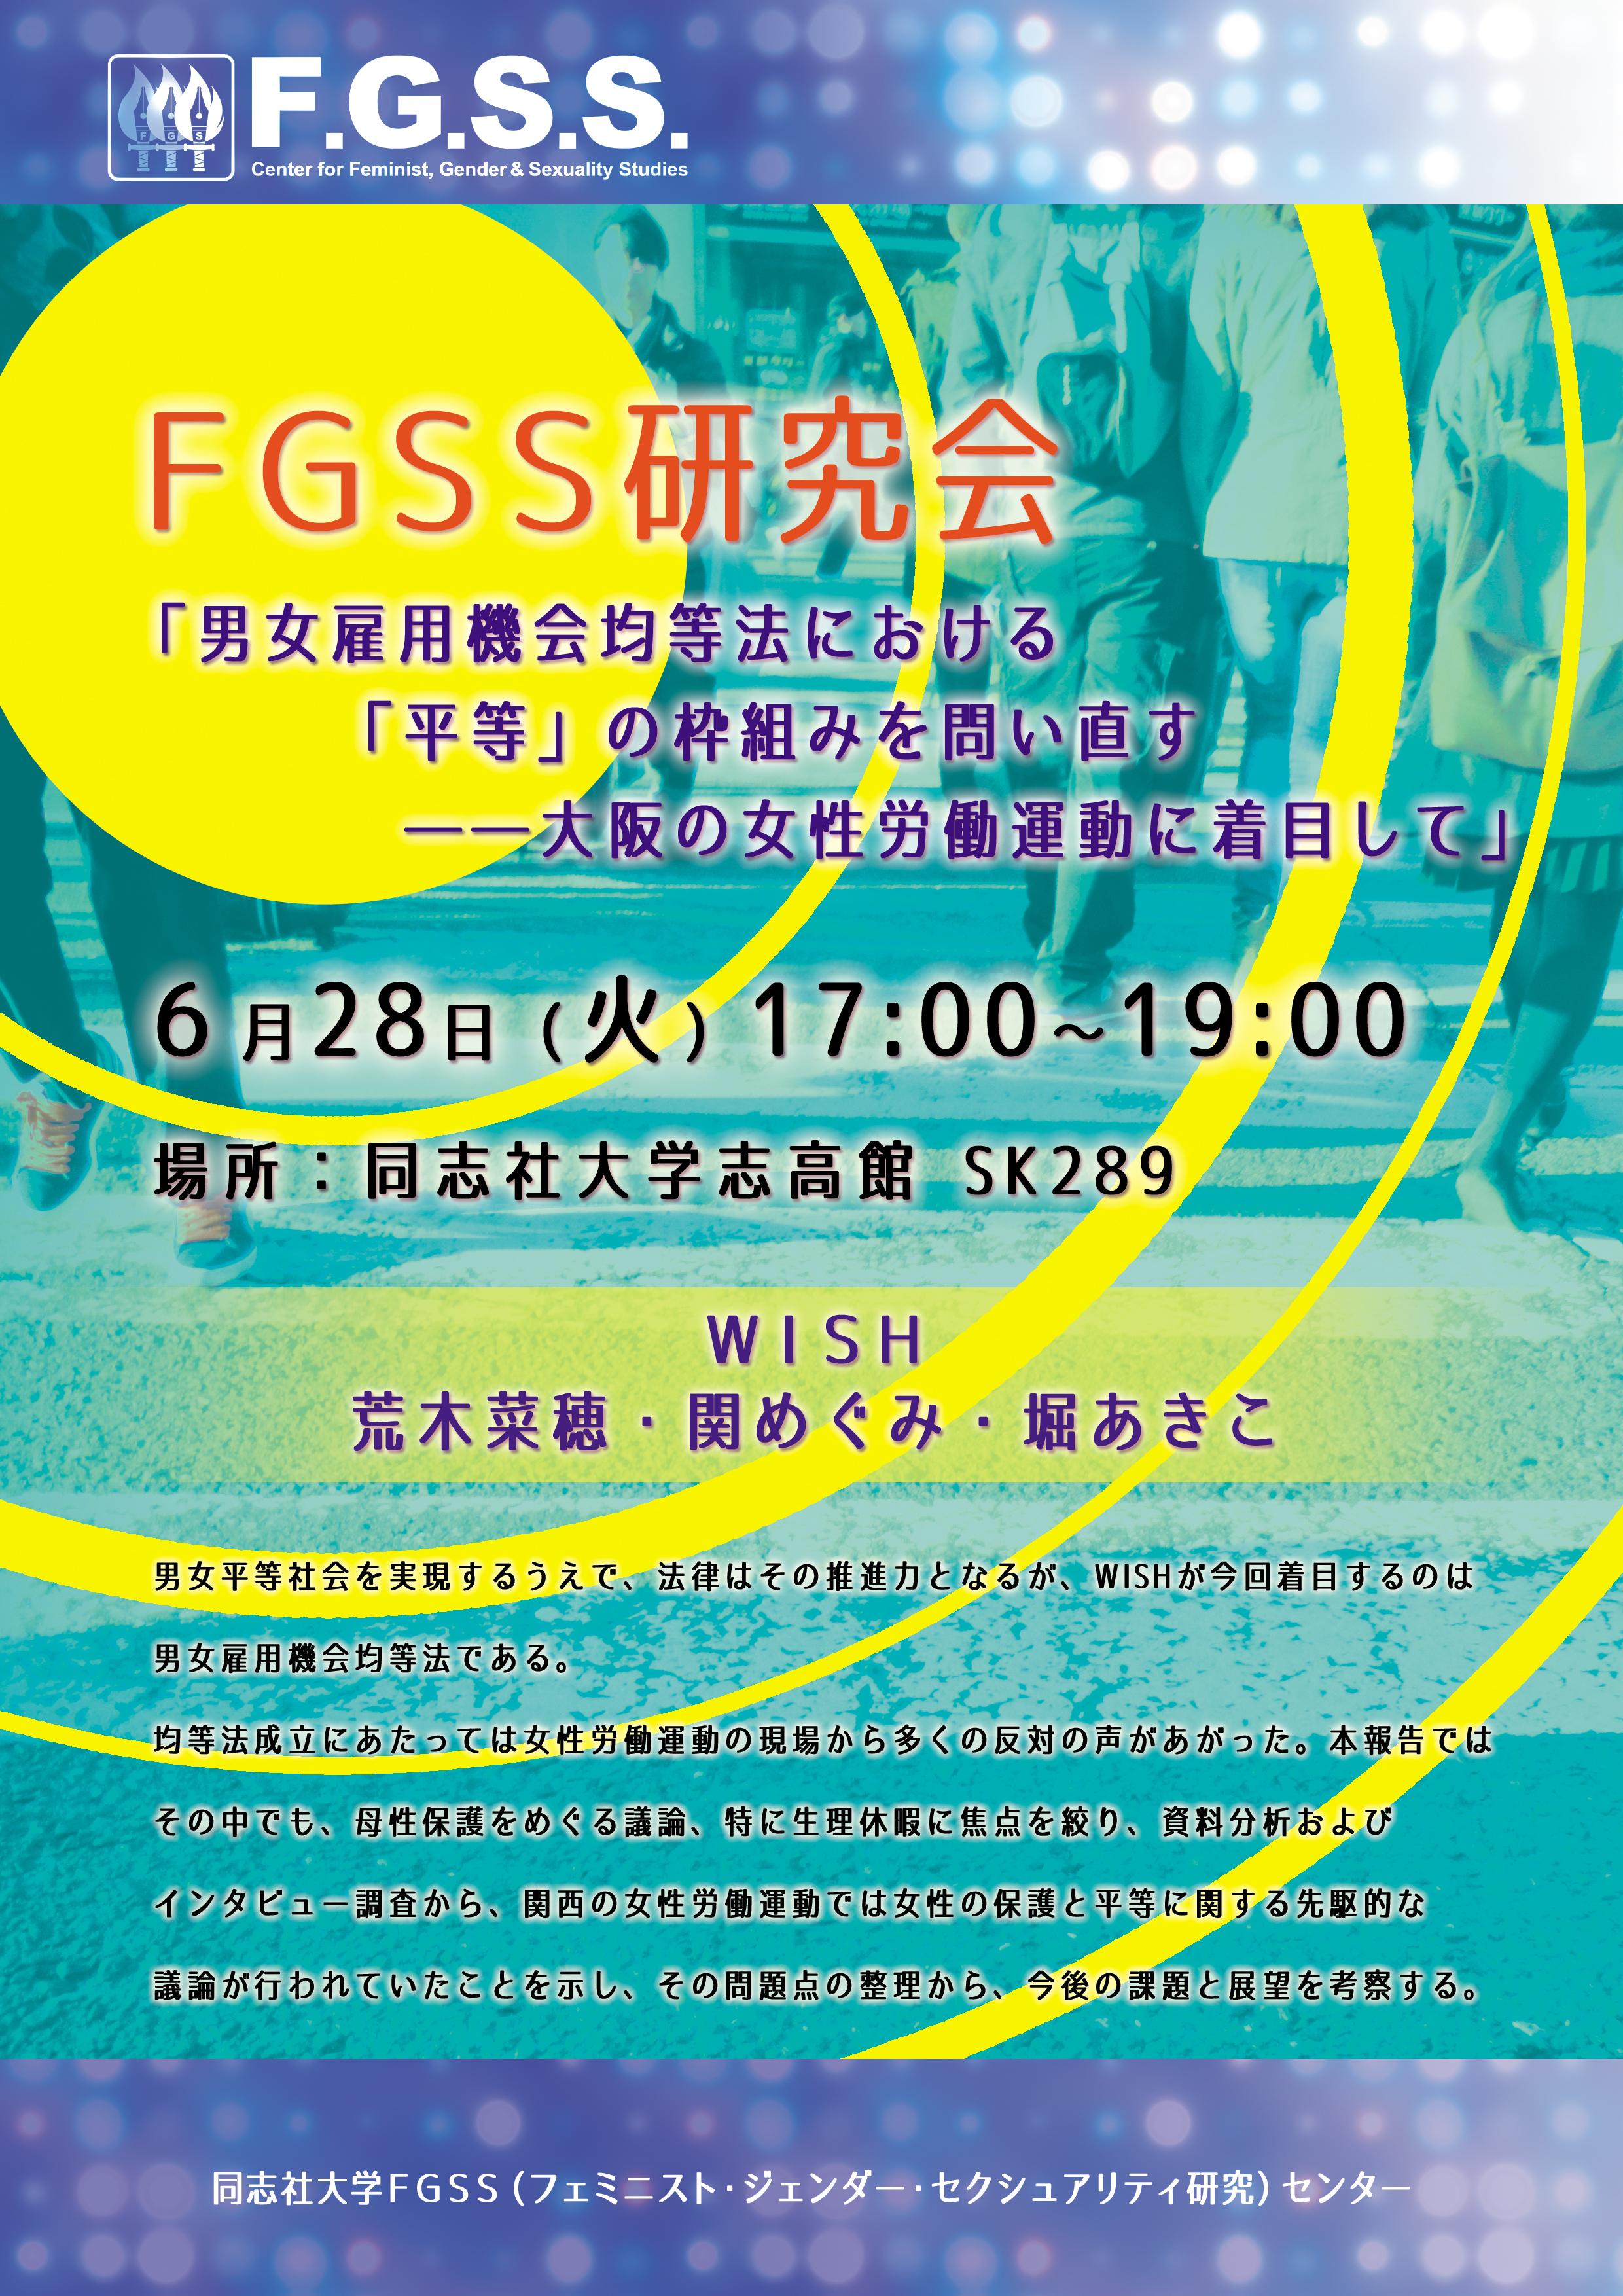 「男女雇用均等法における『平等』の枠組みを問い直すー大阪女性労働運動に着目して」ポスター案のコピー